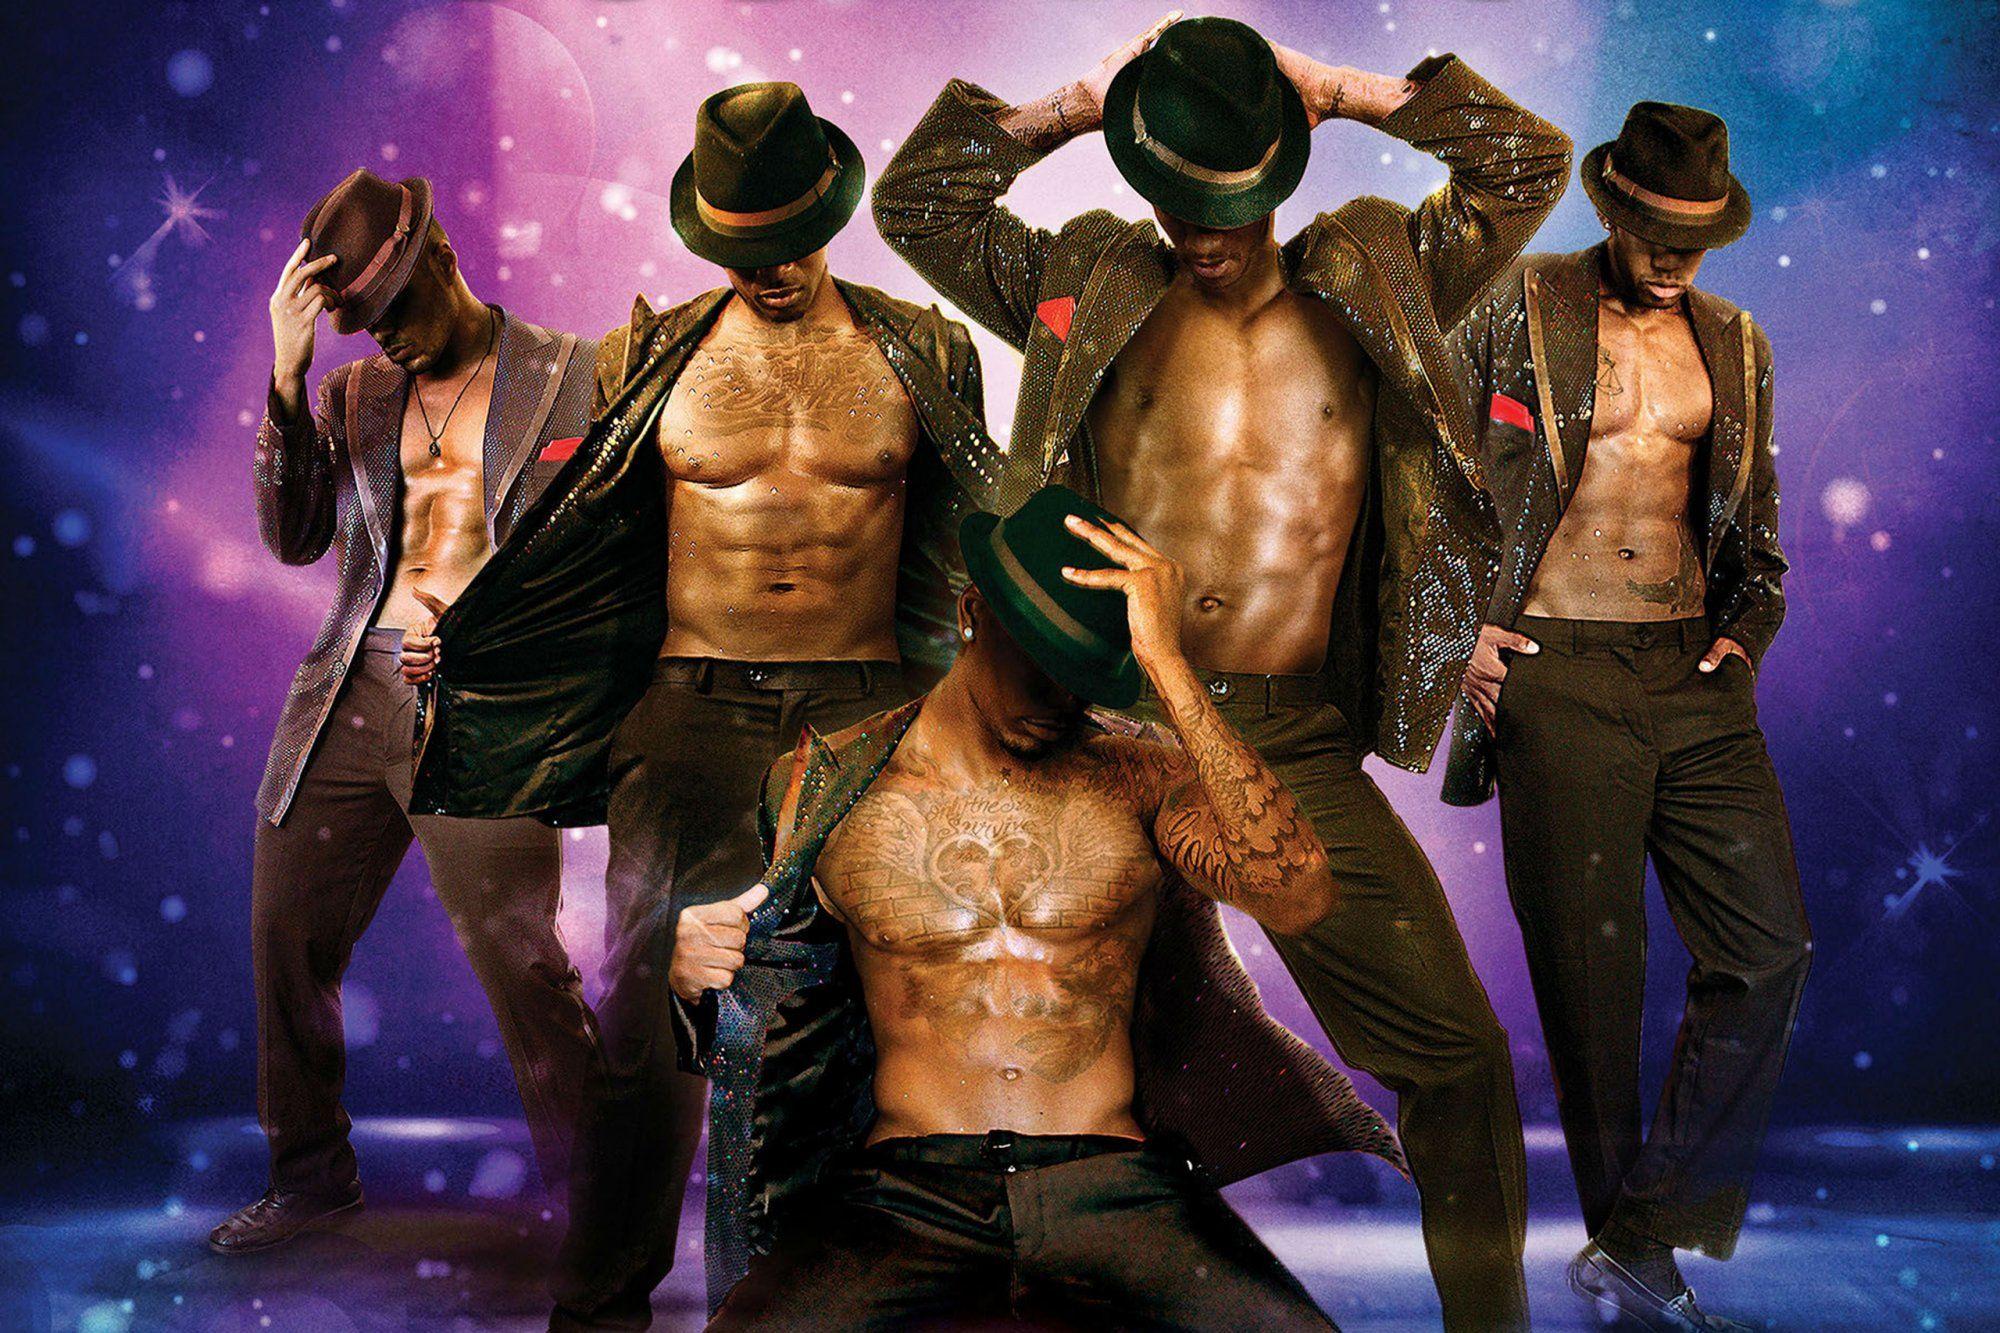 Male stripper wallpaper